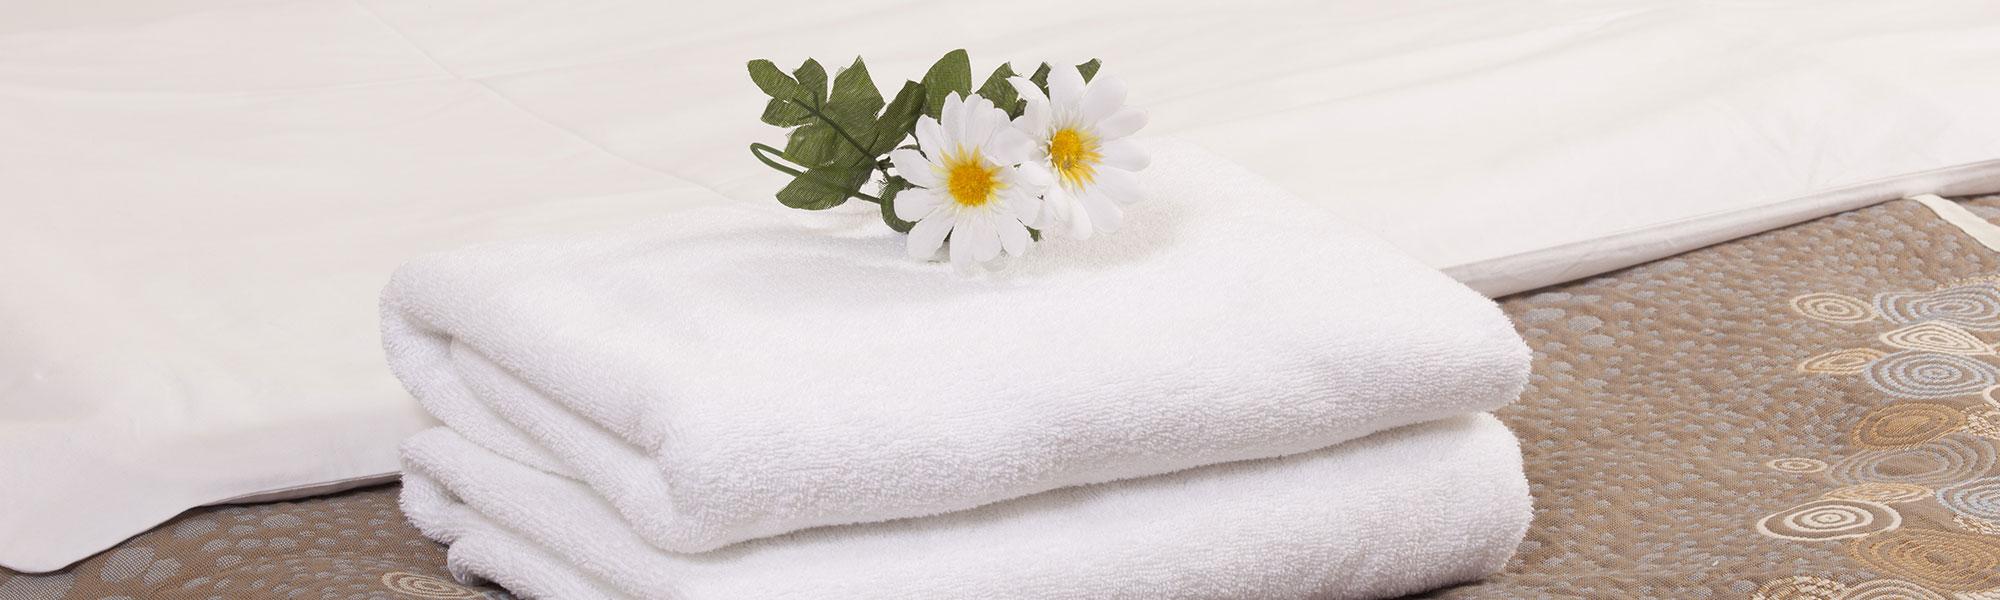 Tekstylia dla hoteli